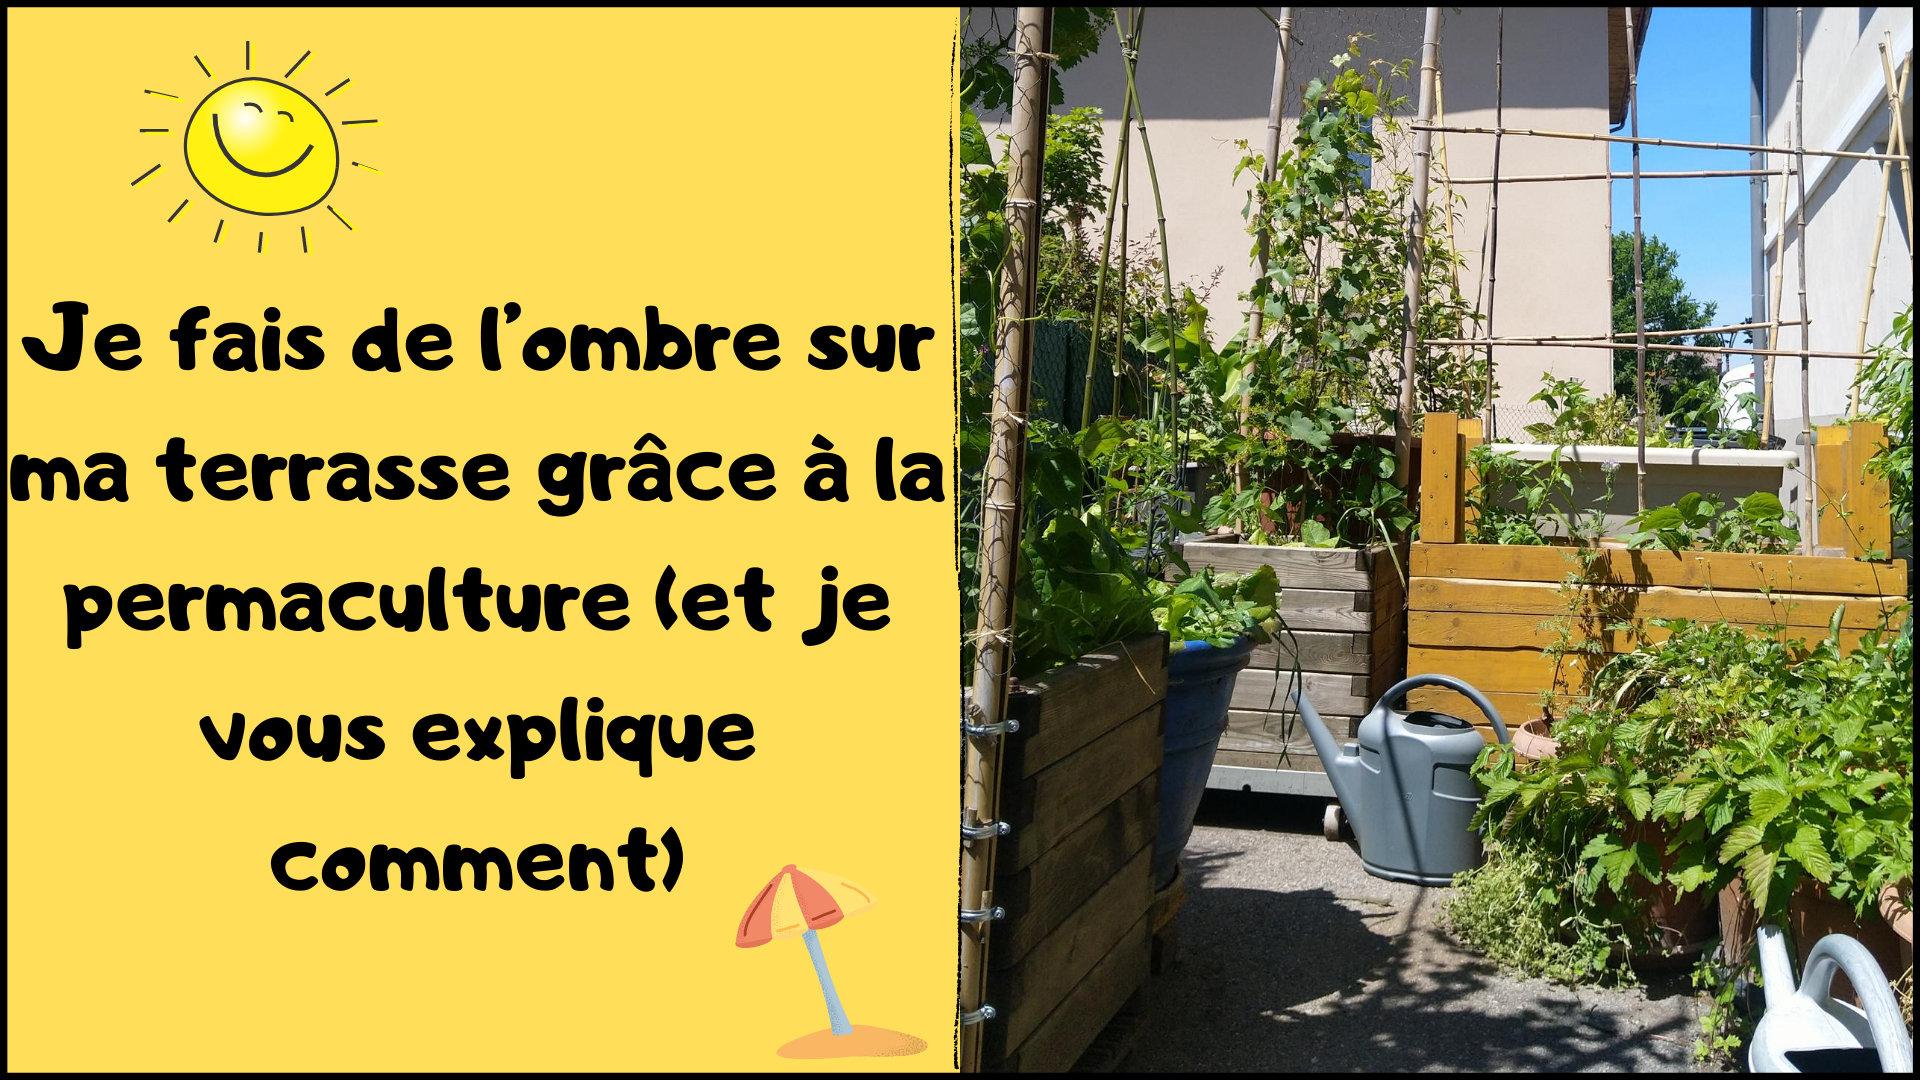 Je fais de l'ombre sur ma terrasse grâce à la permaculture (et je vous explique comment)